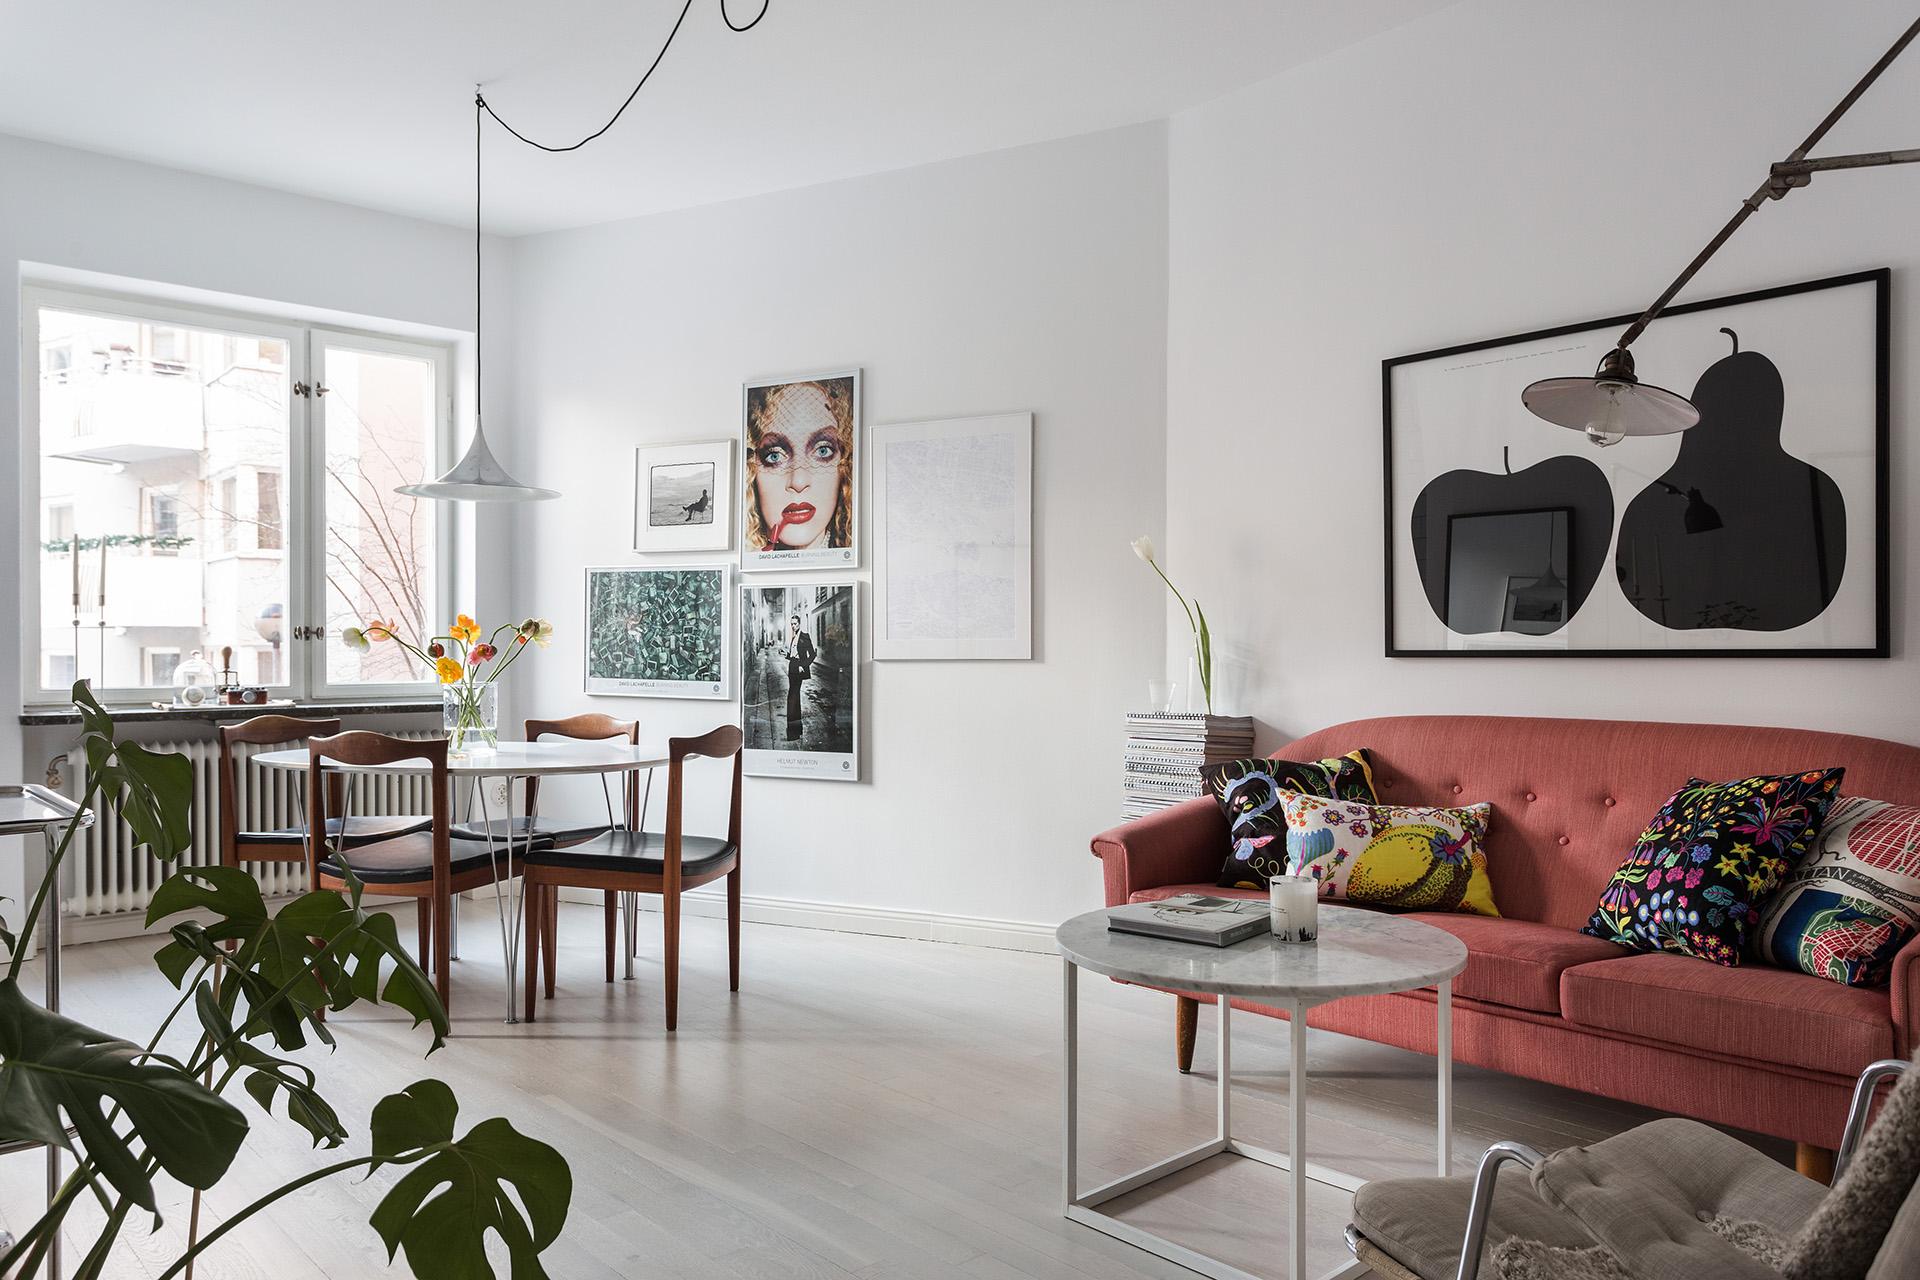 bondegatan-vardagsrum-vitlaserat-golv-marmor-tavelvägg-fantastic-frank